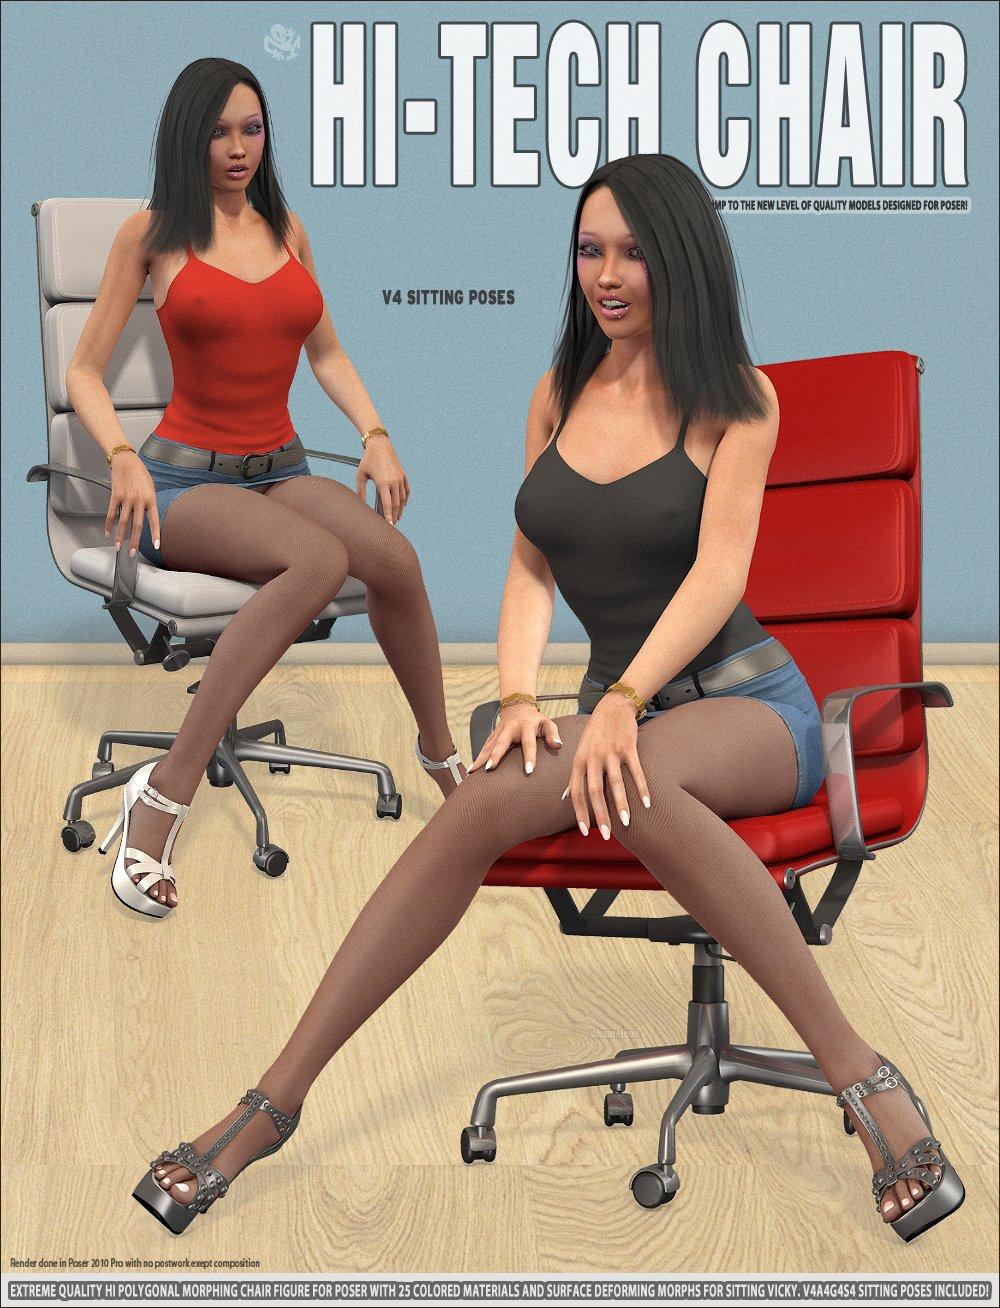 Hi-Tech Chair and V4 Sitting Poses_DAZ3D下载站